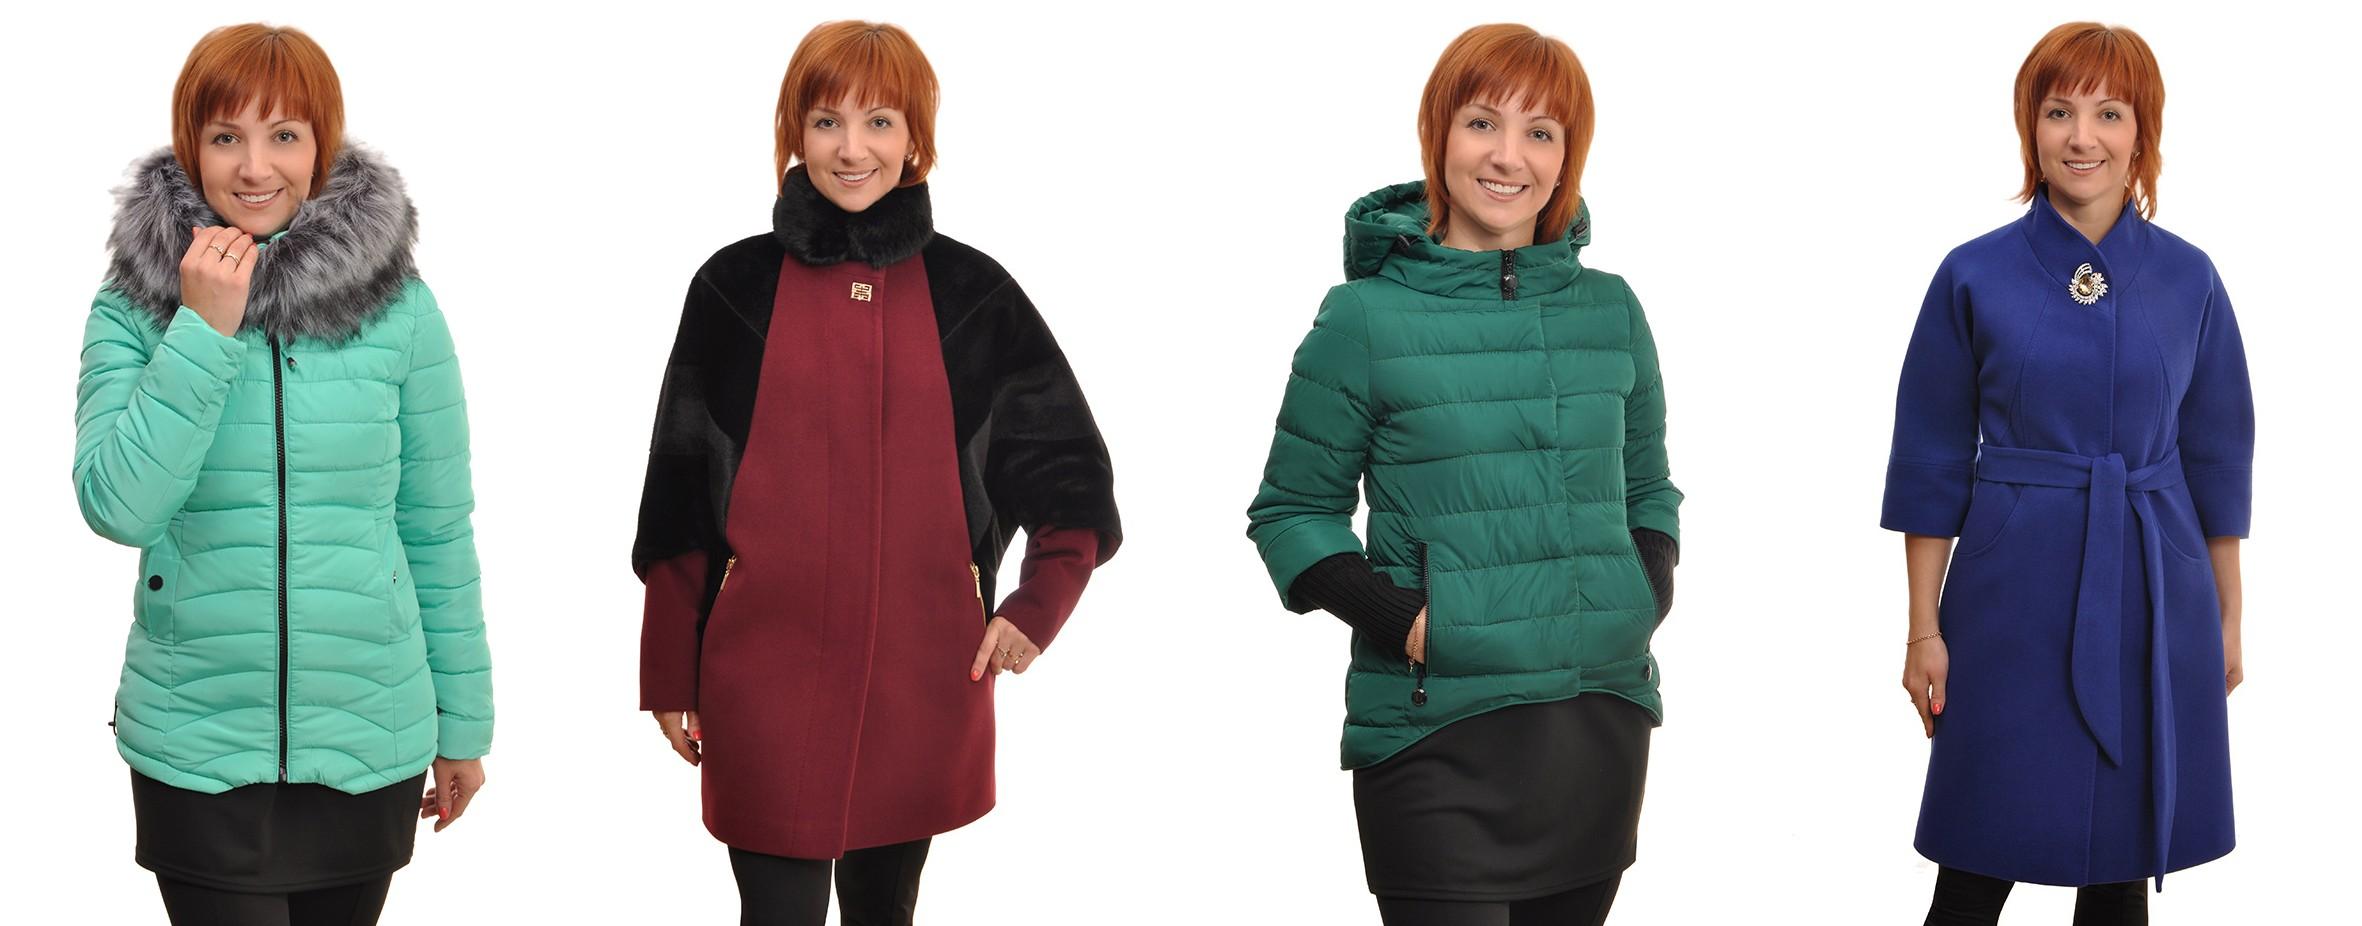 Красивые Пальто по Красивой Цене. Без рядов - 18